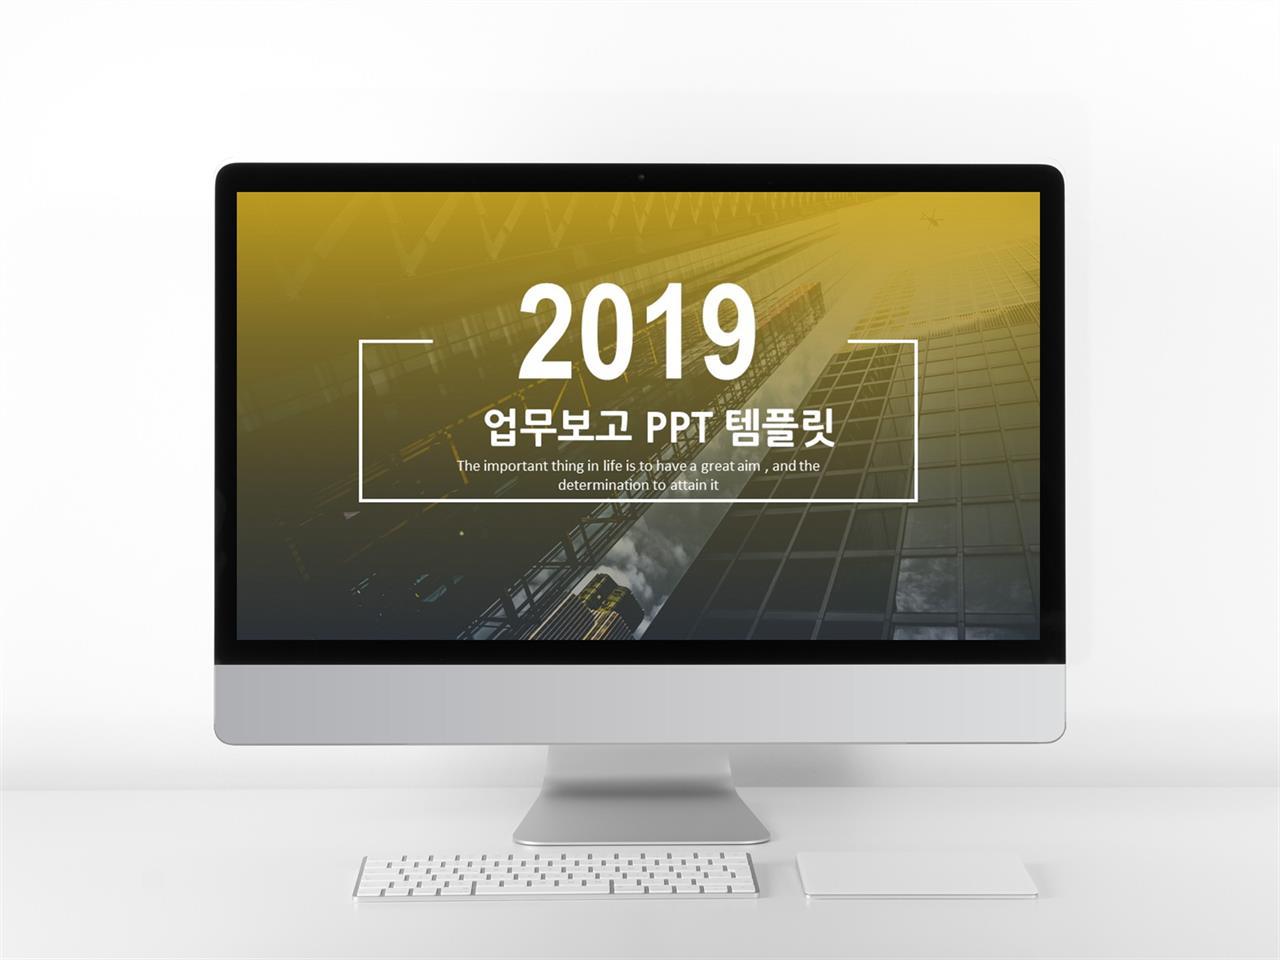 업무프로세스 노란색 시크한 고퀄리티 PPT배경 제작 미리보기